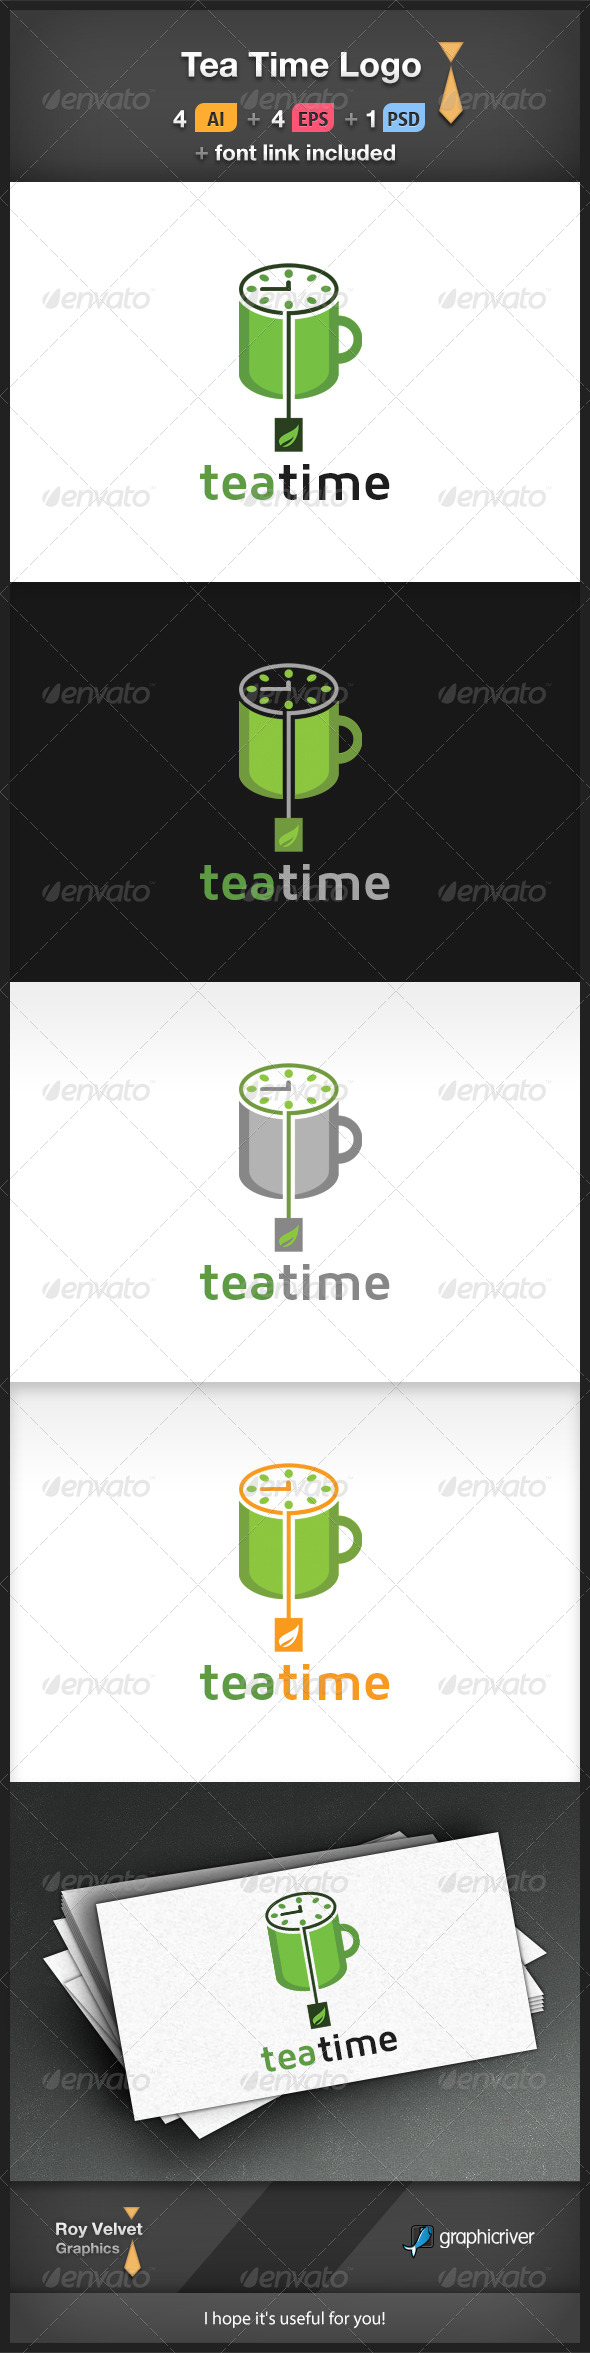 GraphicRiver Tea Time Logo 6369121